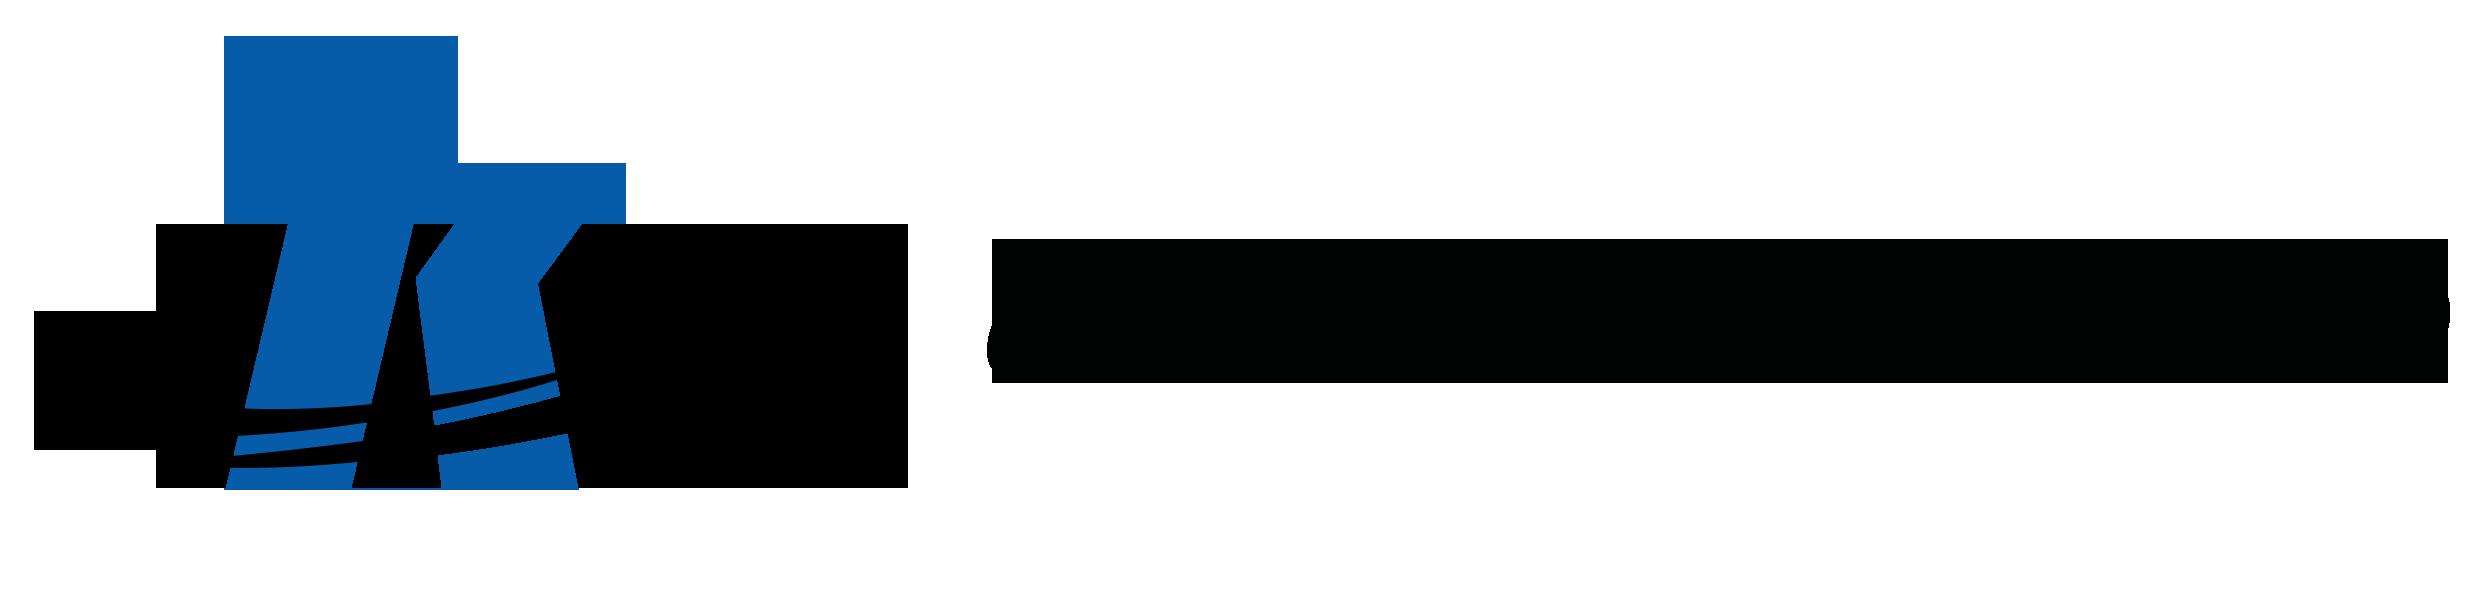 کارستان